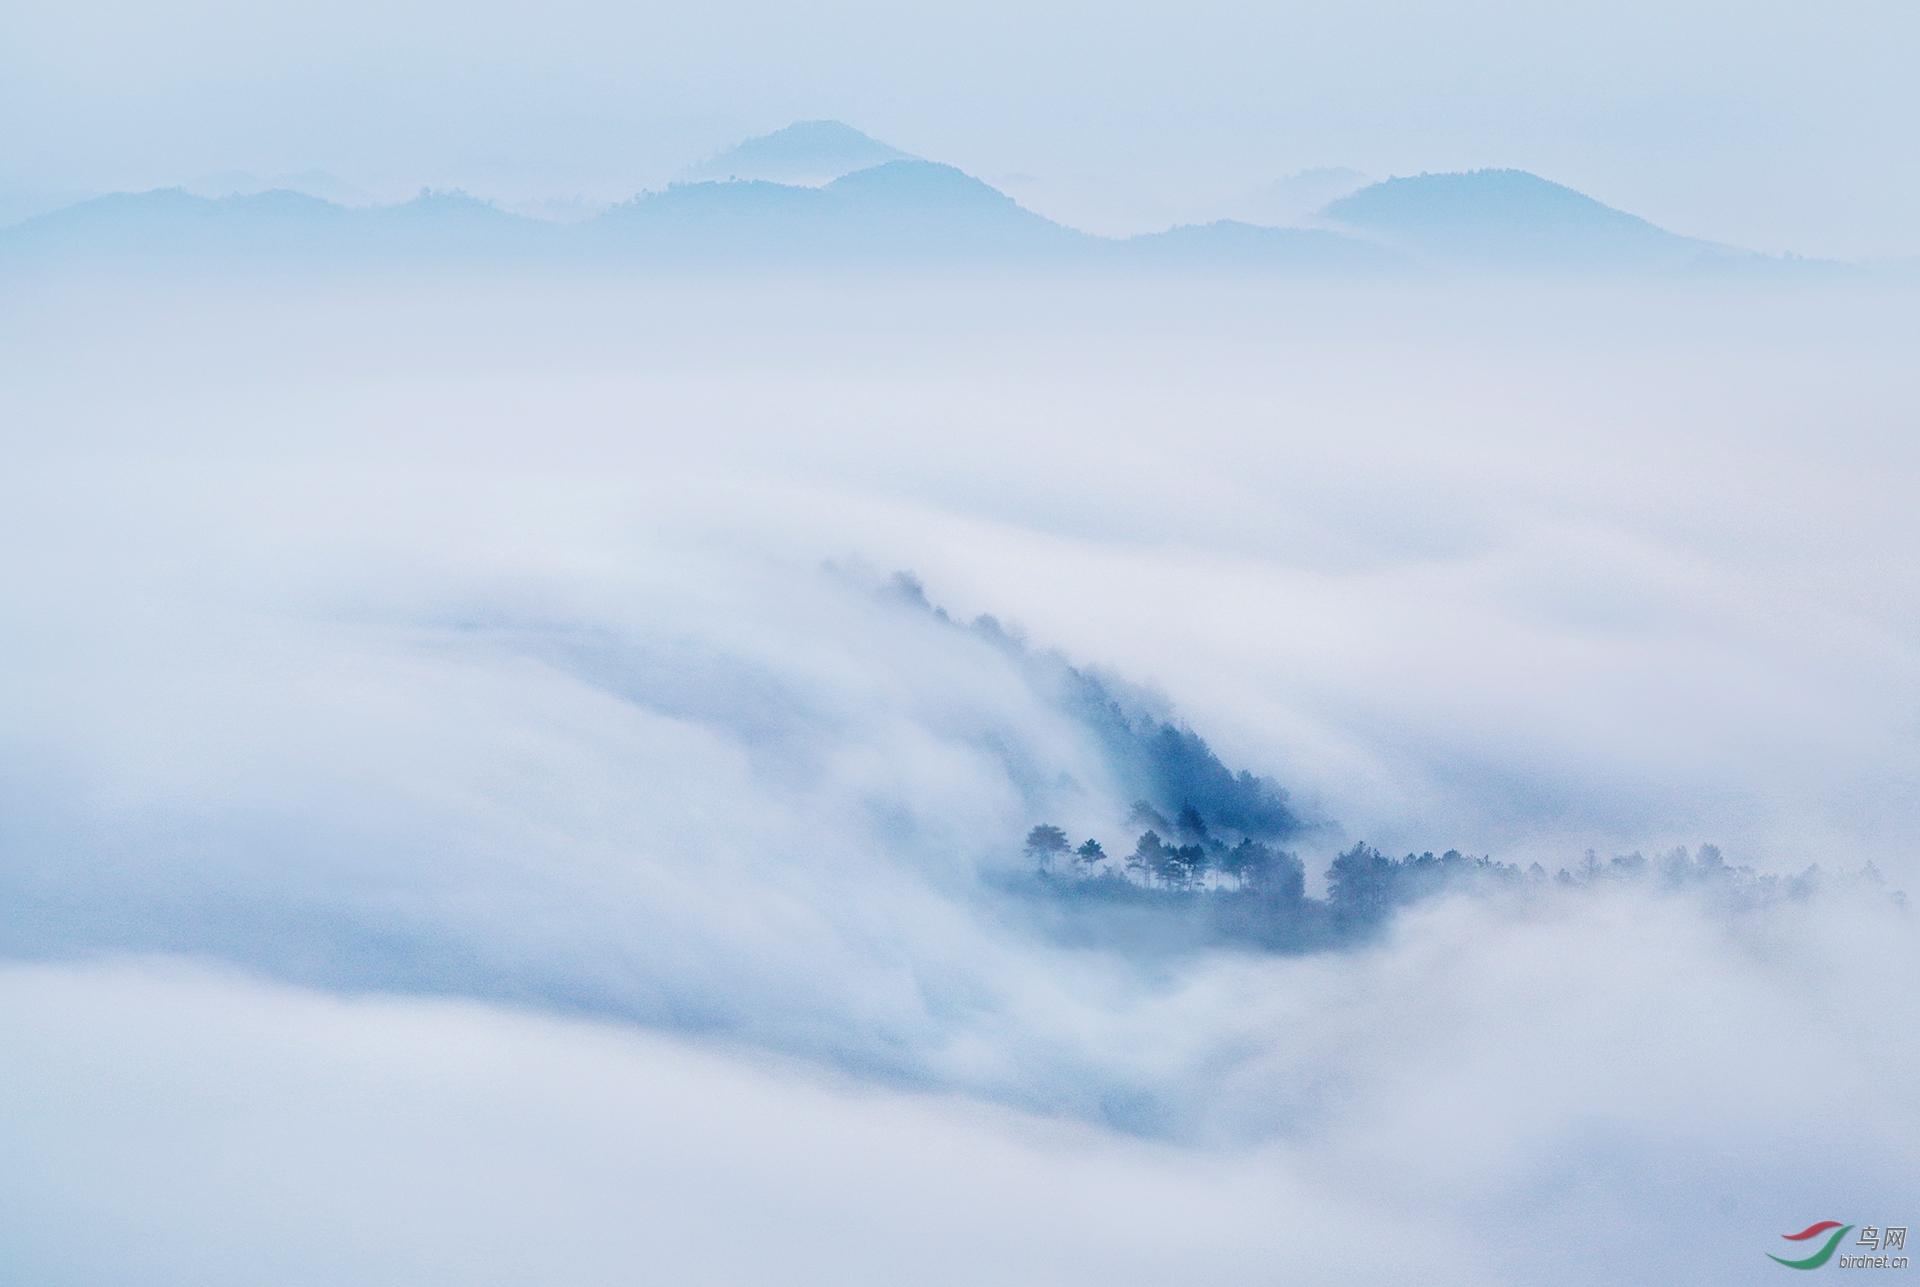 0345.飞瀑探涧》-万丽敏 纯自然风光.jpg